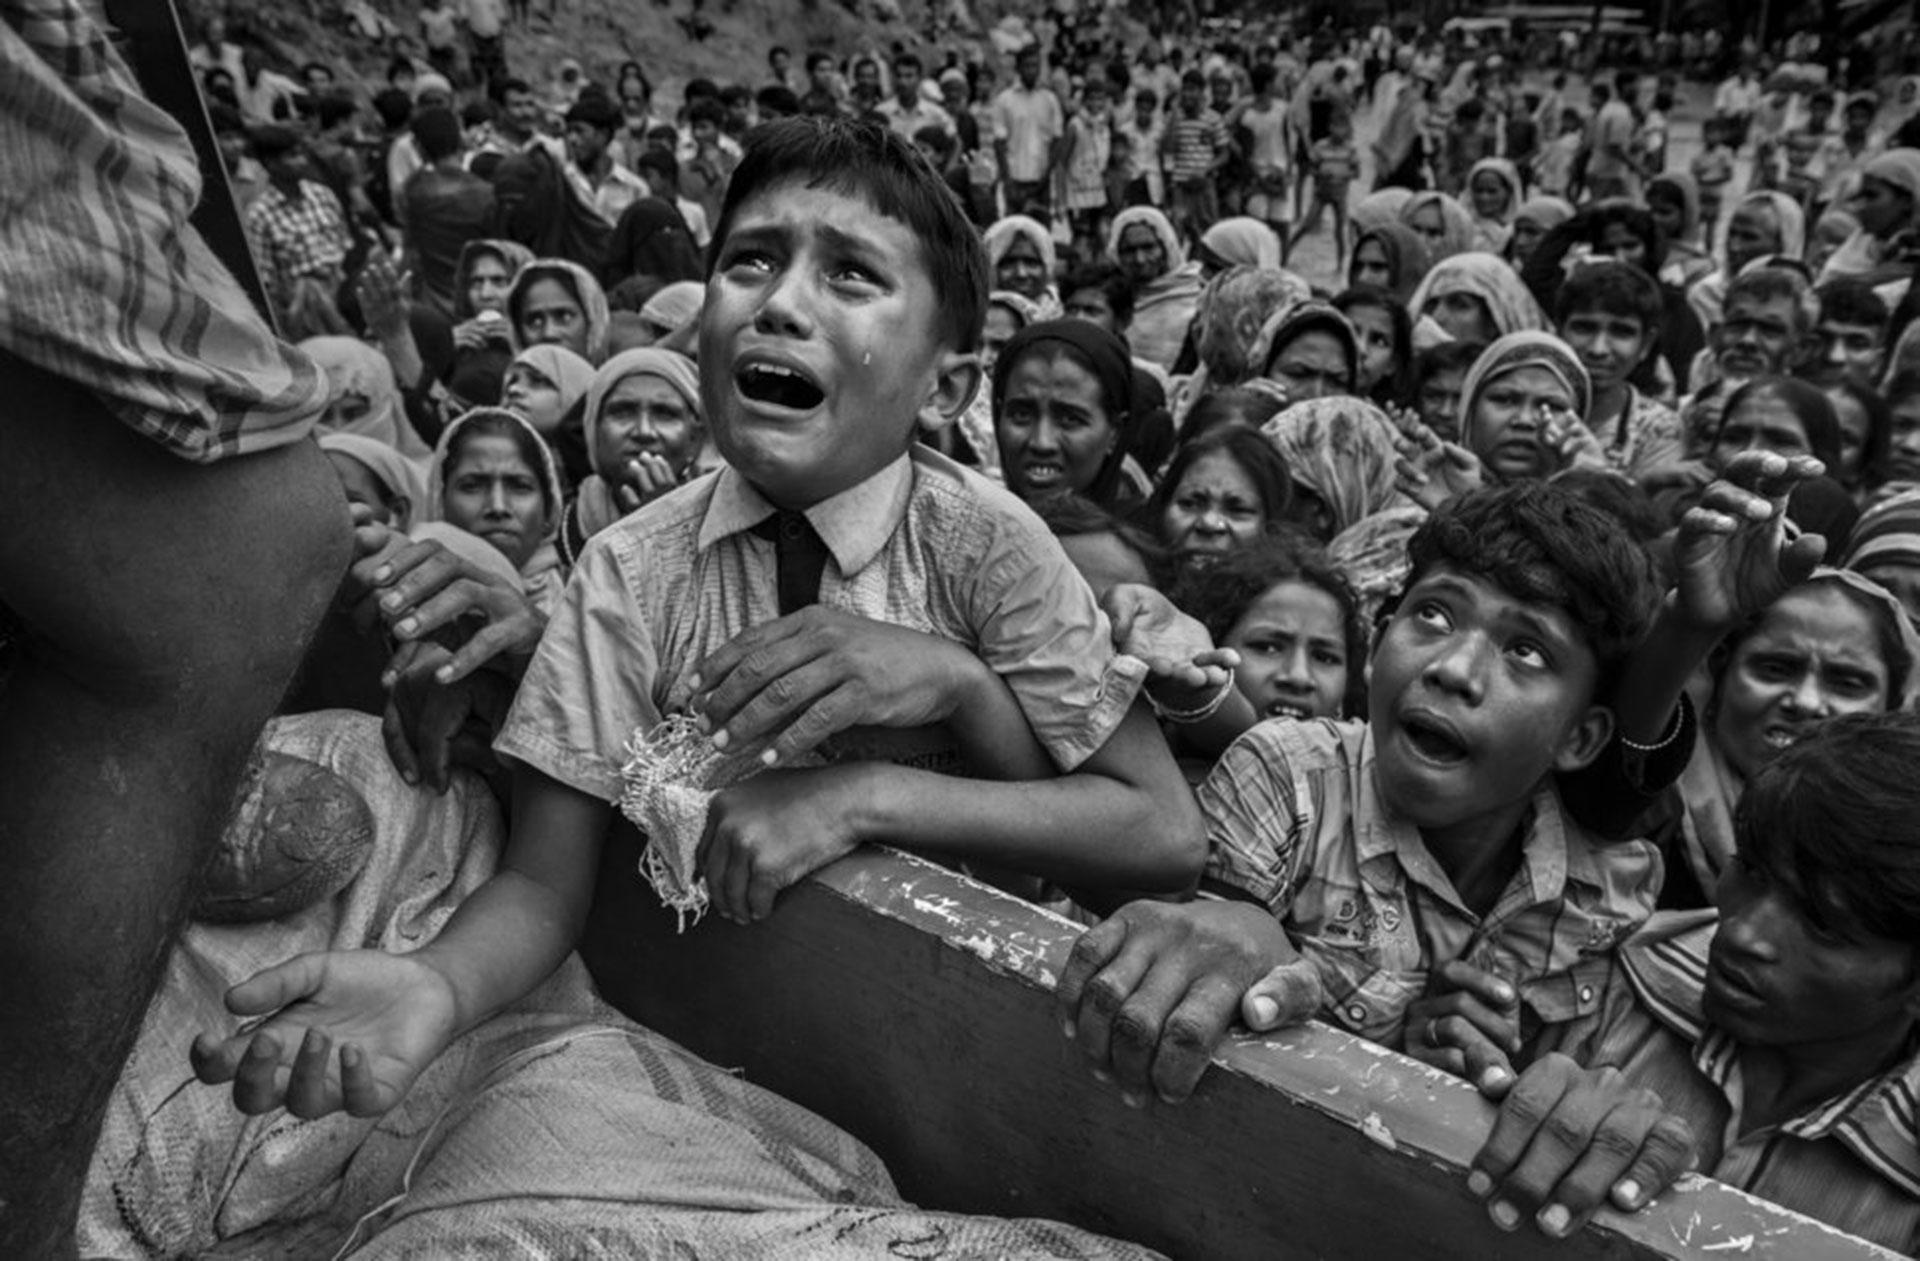 """Competencia """"Profesional"""" – Categoría """"Noticias y Asuntos de Actualidad"""": un niño refugiado de Rohingya desesperado por ayuda llora mientras sube a un camión que distribuye ayuda a una ONG local cerca del campamento de refugiados de Balukali el 20 de septiembre de 2017, en Cox's Bazar, Bangladesh. (Gentileza Sony World Photography Awards)"""